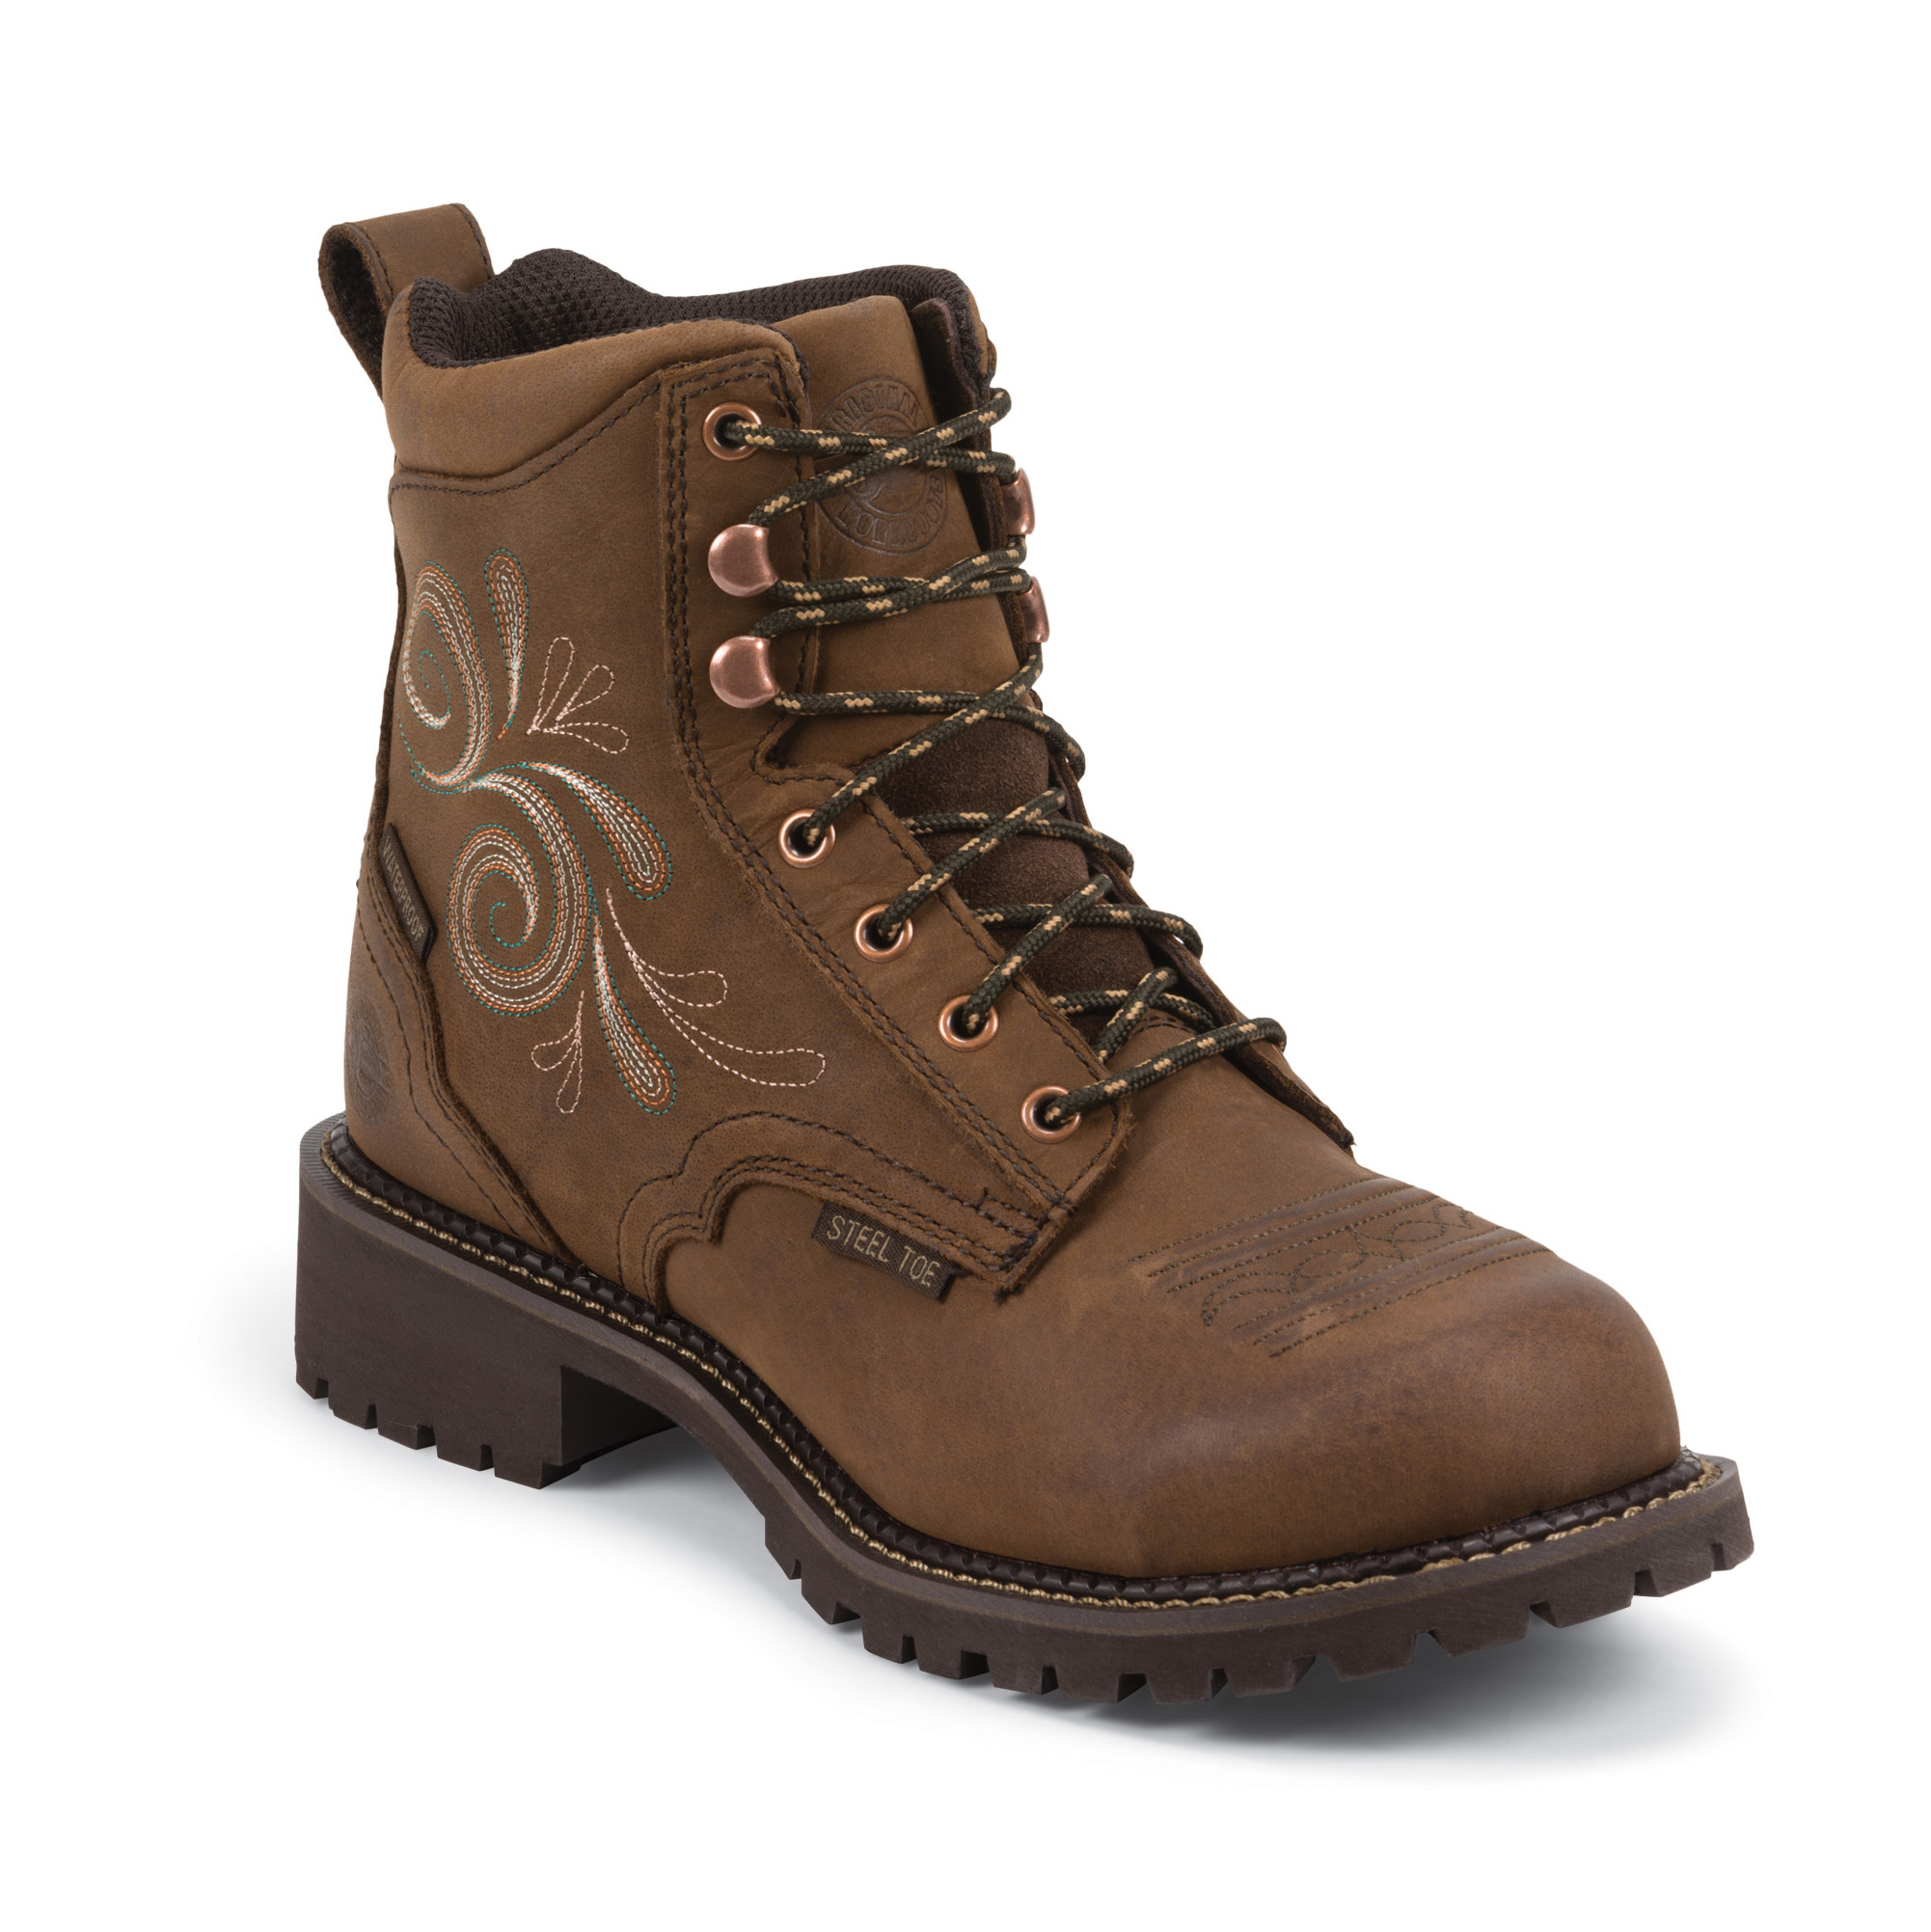 1ba9f0d261d Women's Gypsy Steel Toe Work Boot